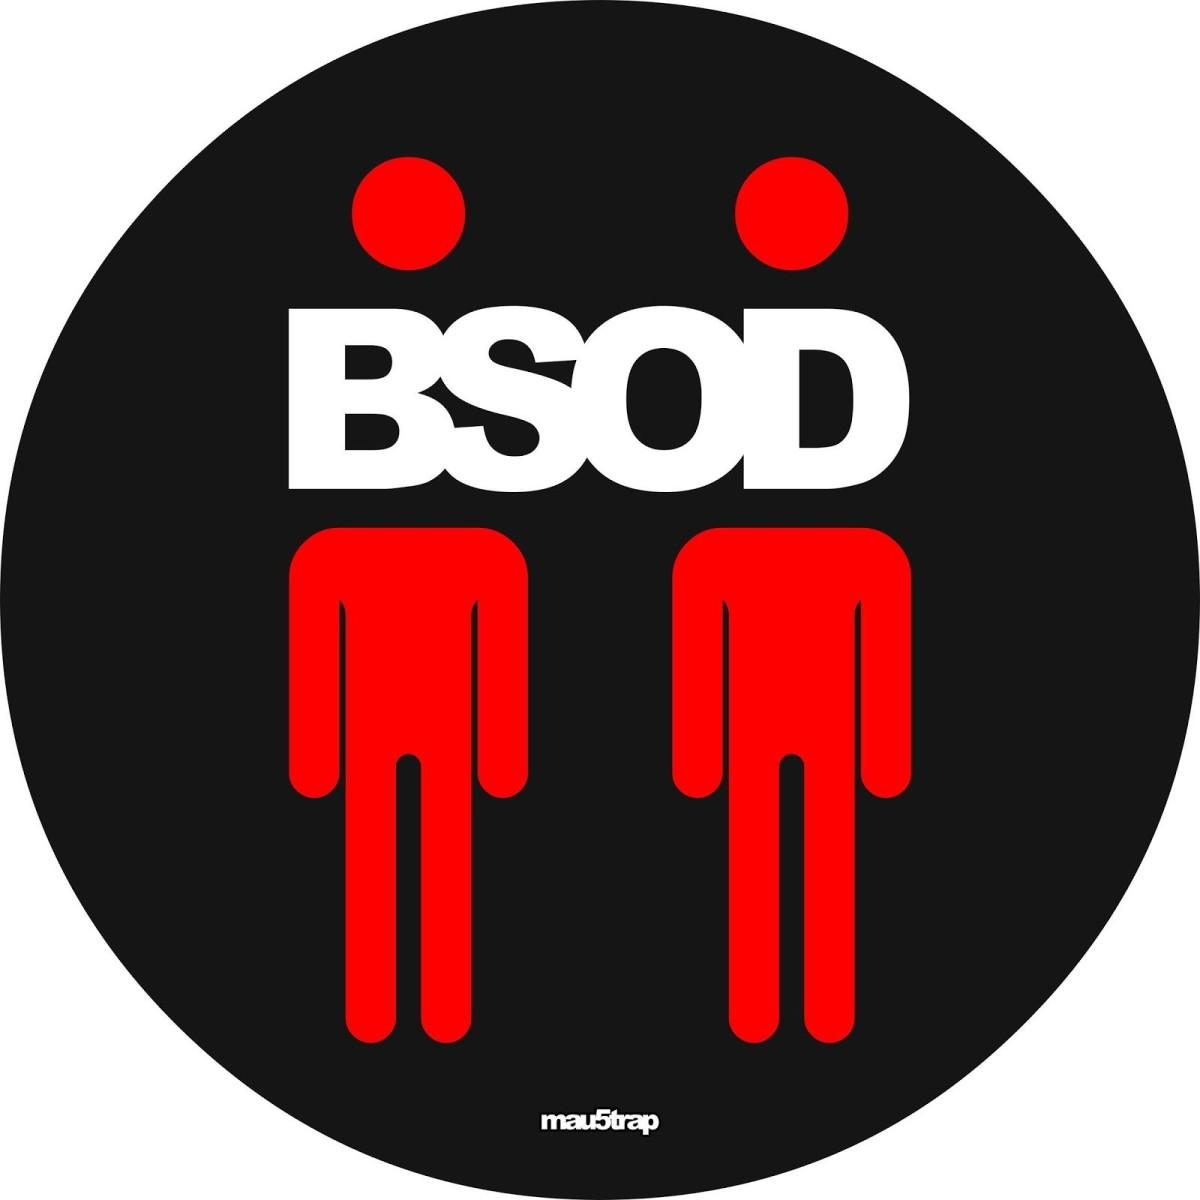 Deadmau5 Steve Duda BSOD EP Cover